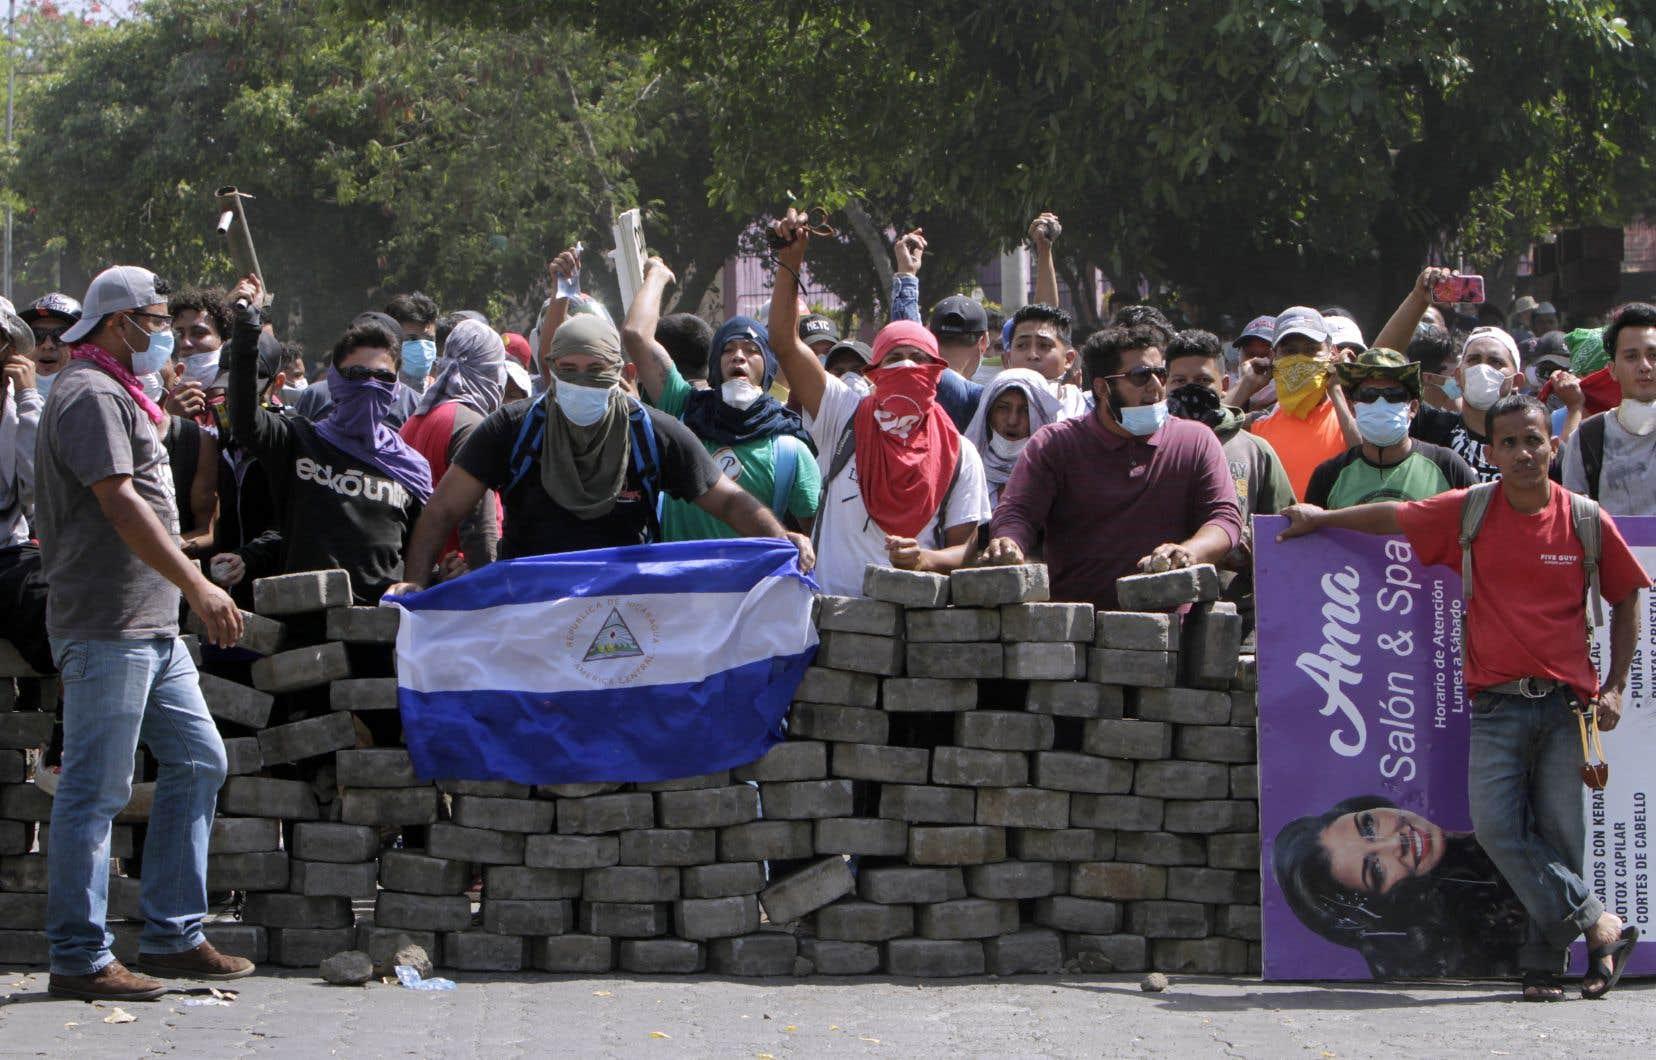 Manifestation du 21 avril dernier. La réforme des retraites est à l'origine d'un mouvement de colère qui a fait au moins 25 morts.